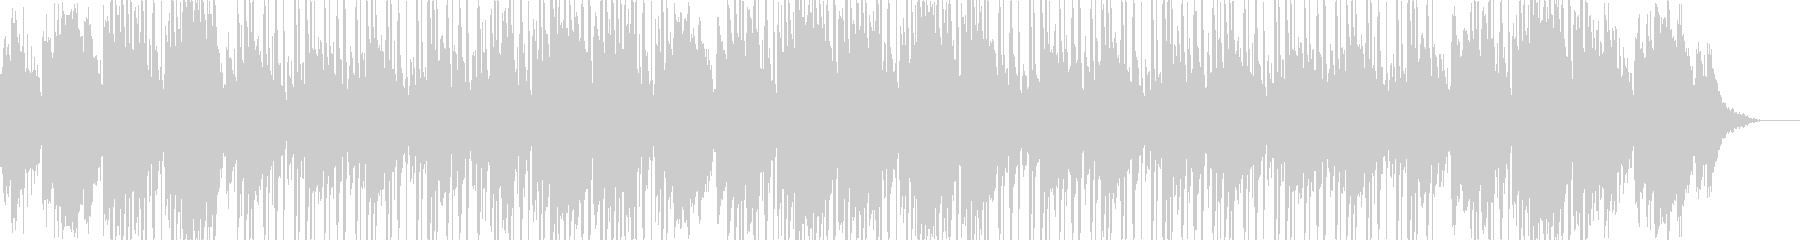 スムーズなヒップホップ/ r&bス...の未再生の波形